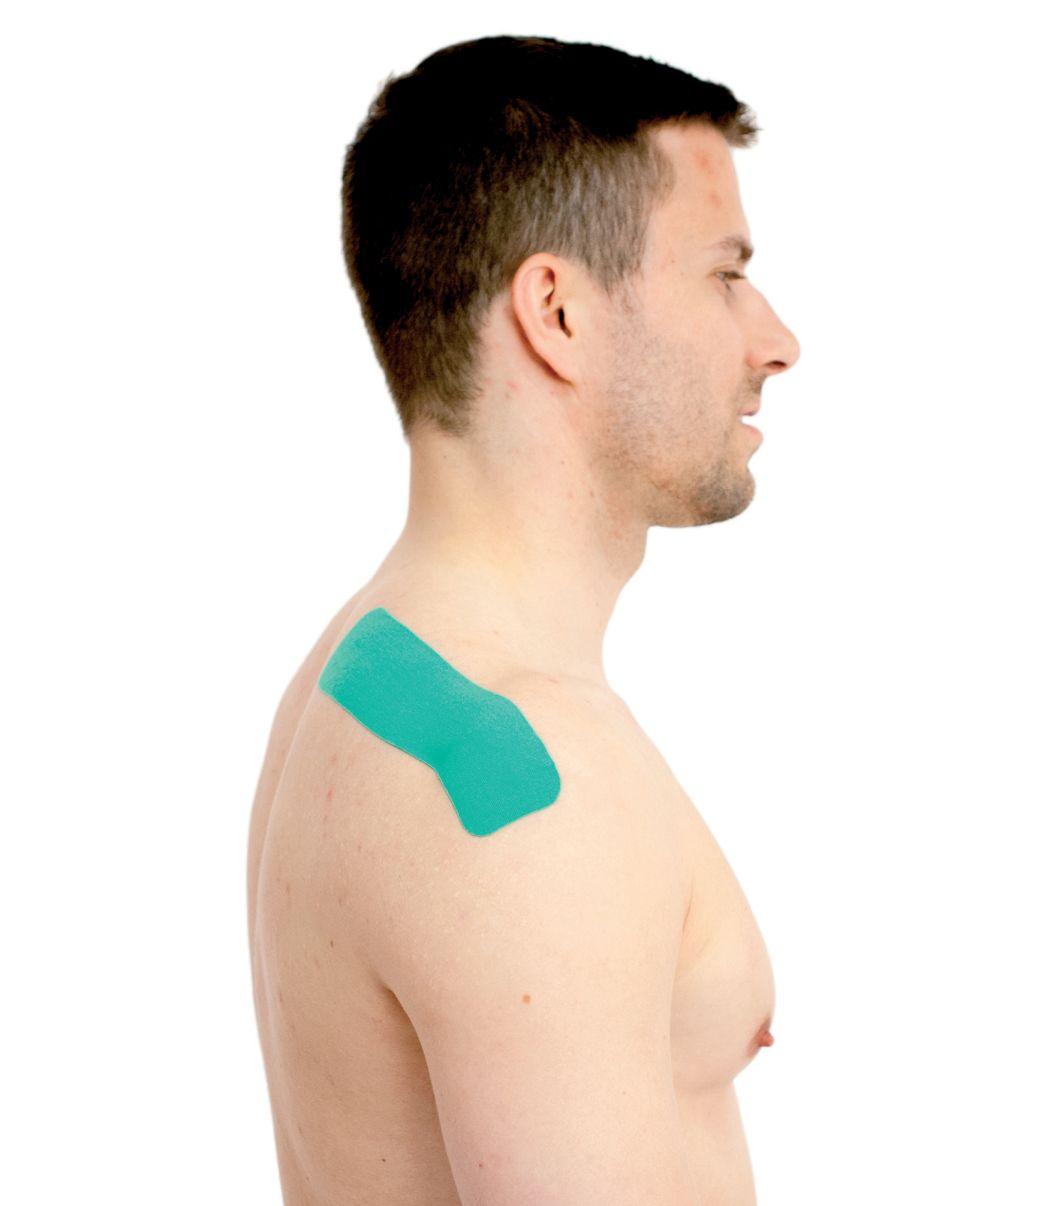 Tejpování ramene – nadhřebenového svalu 2